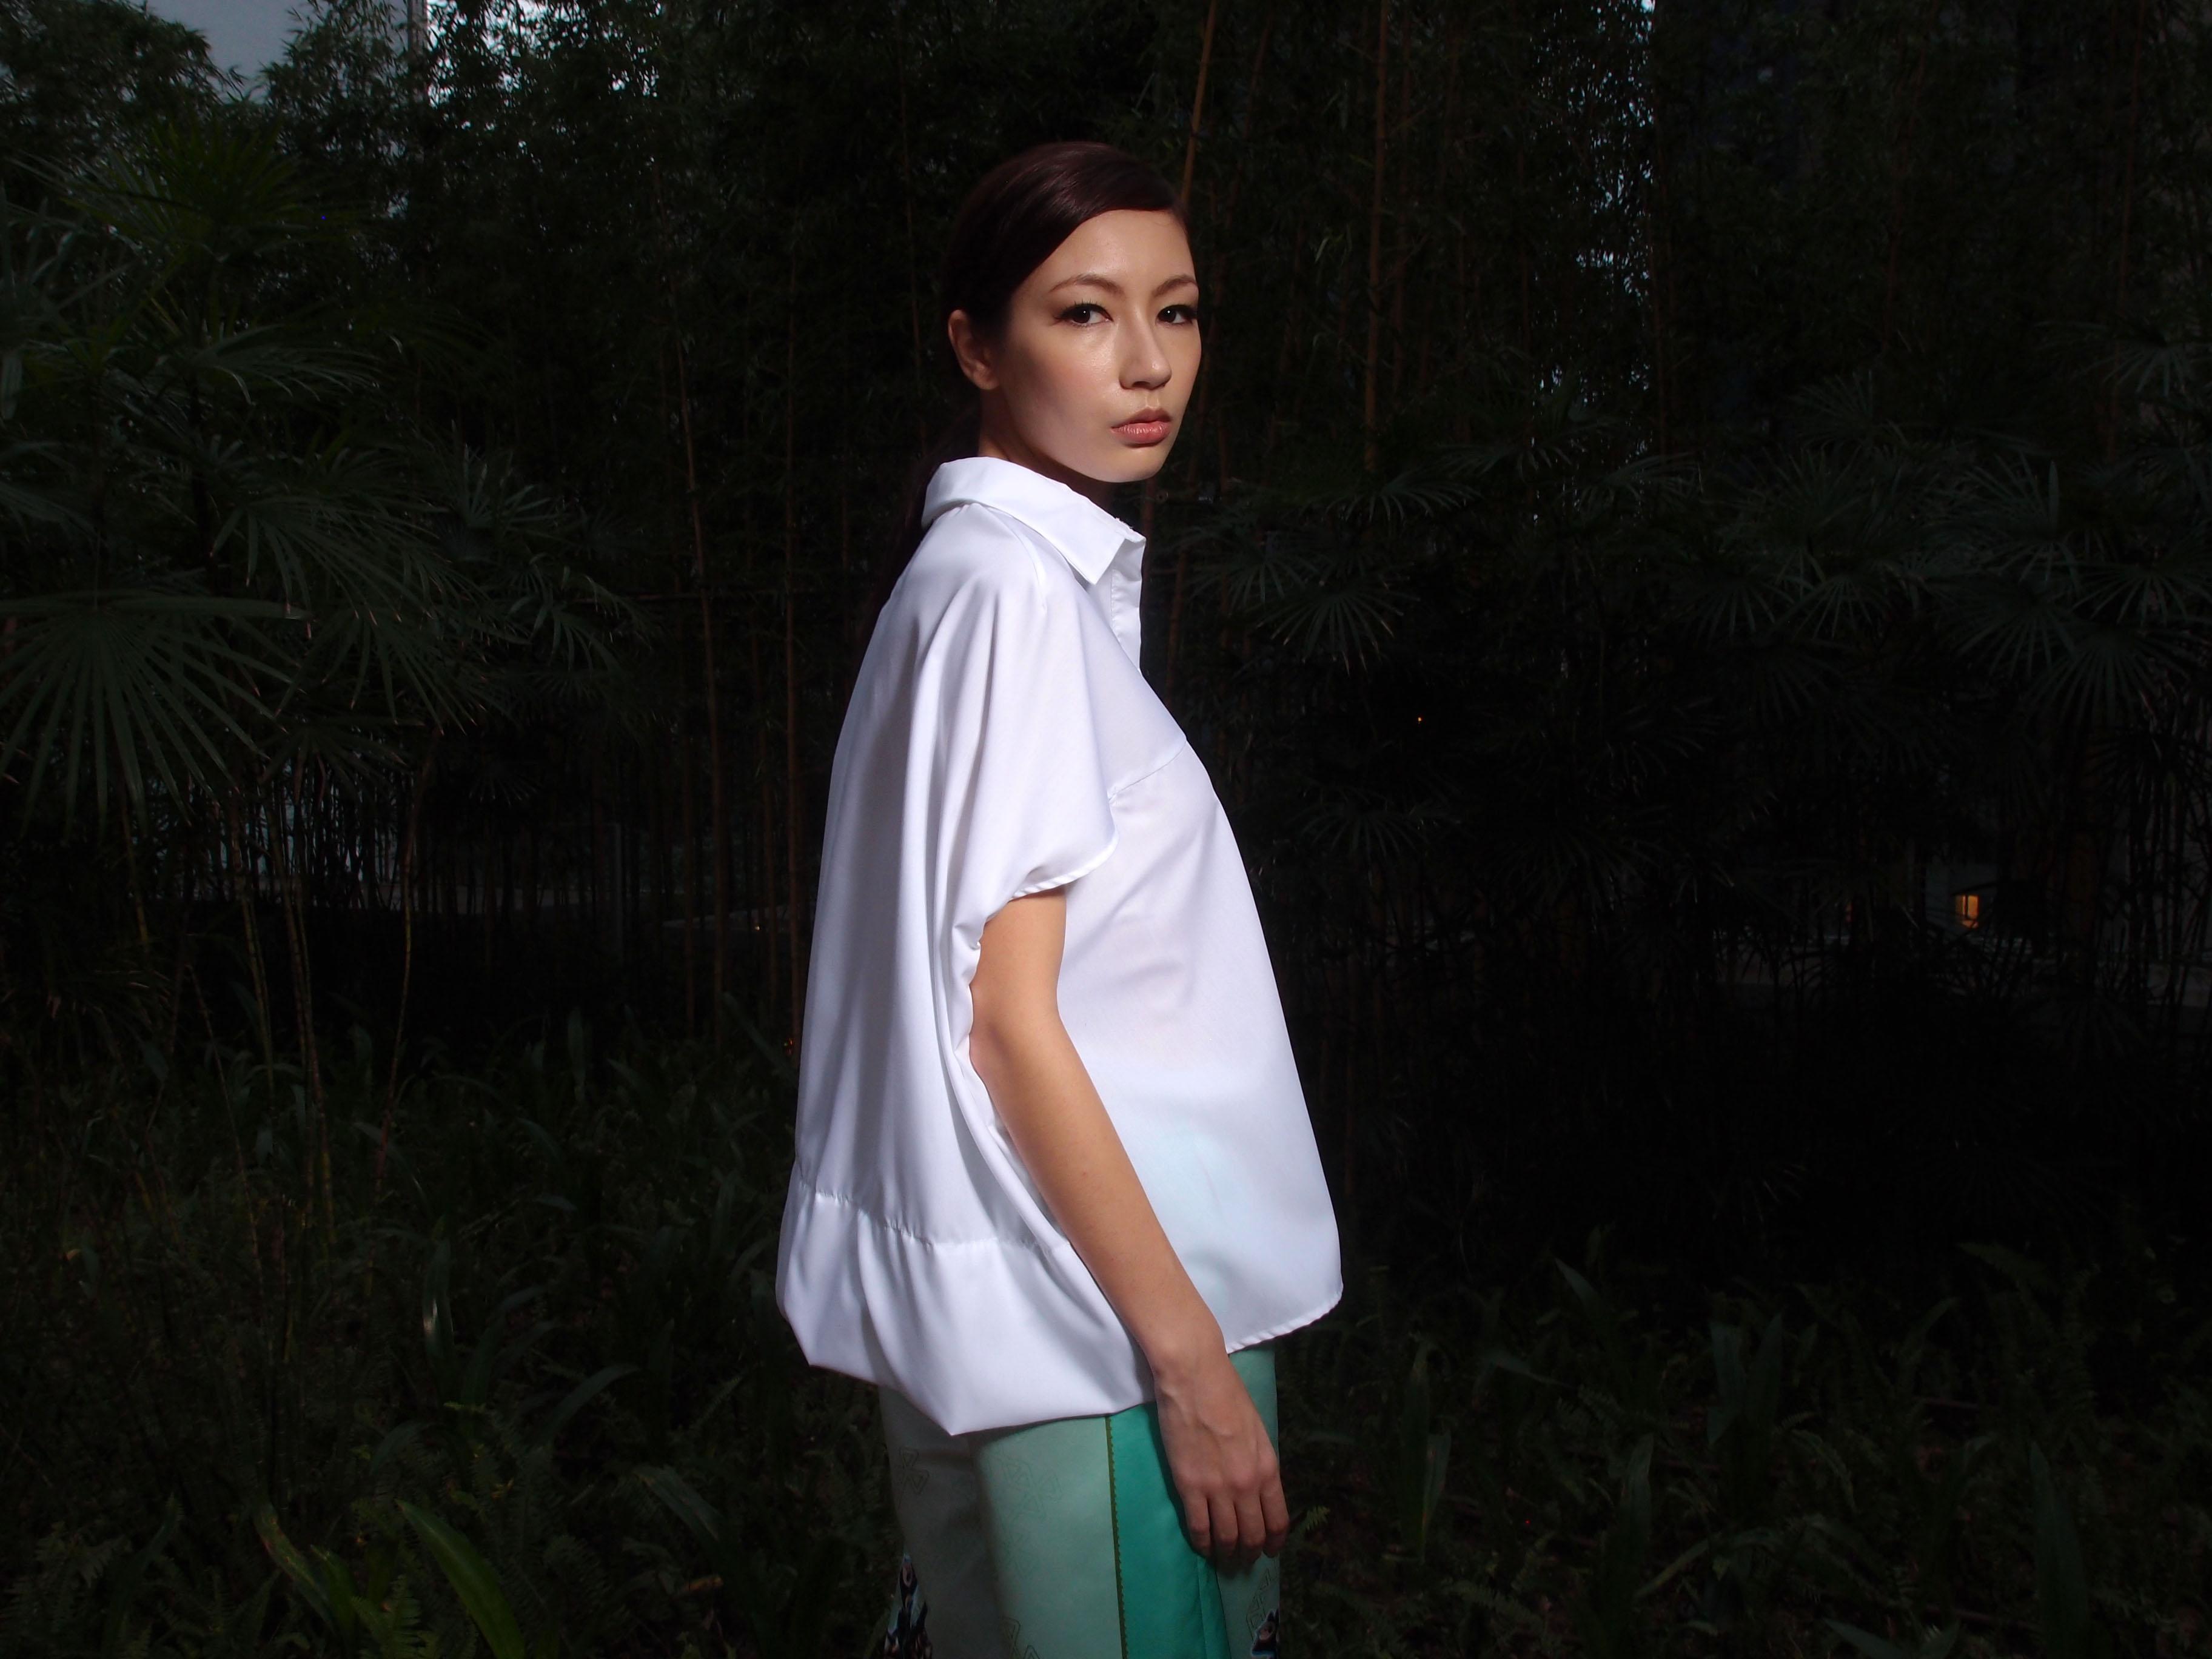 SS14 Womenswear - Look1